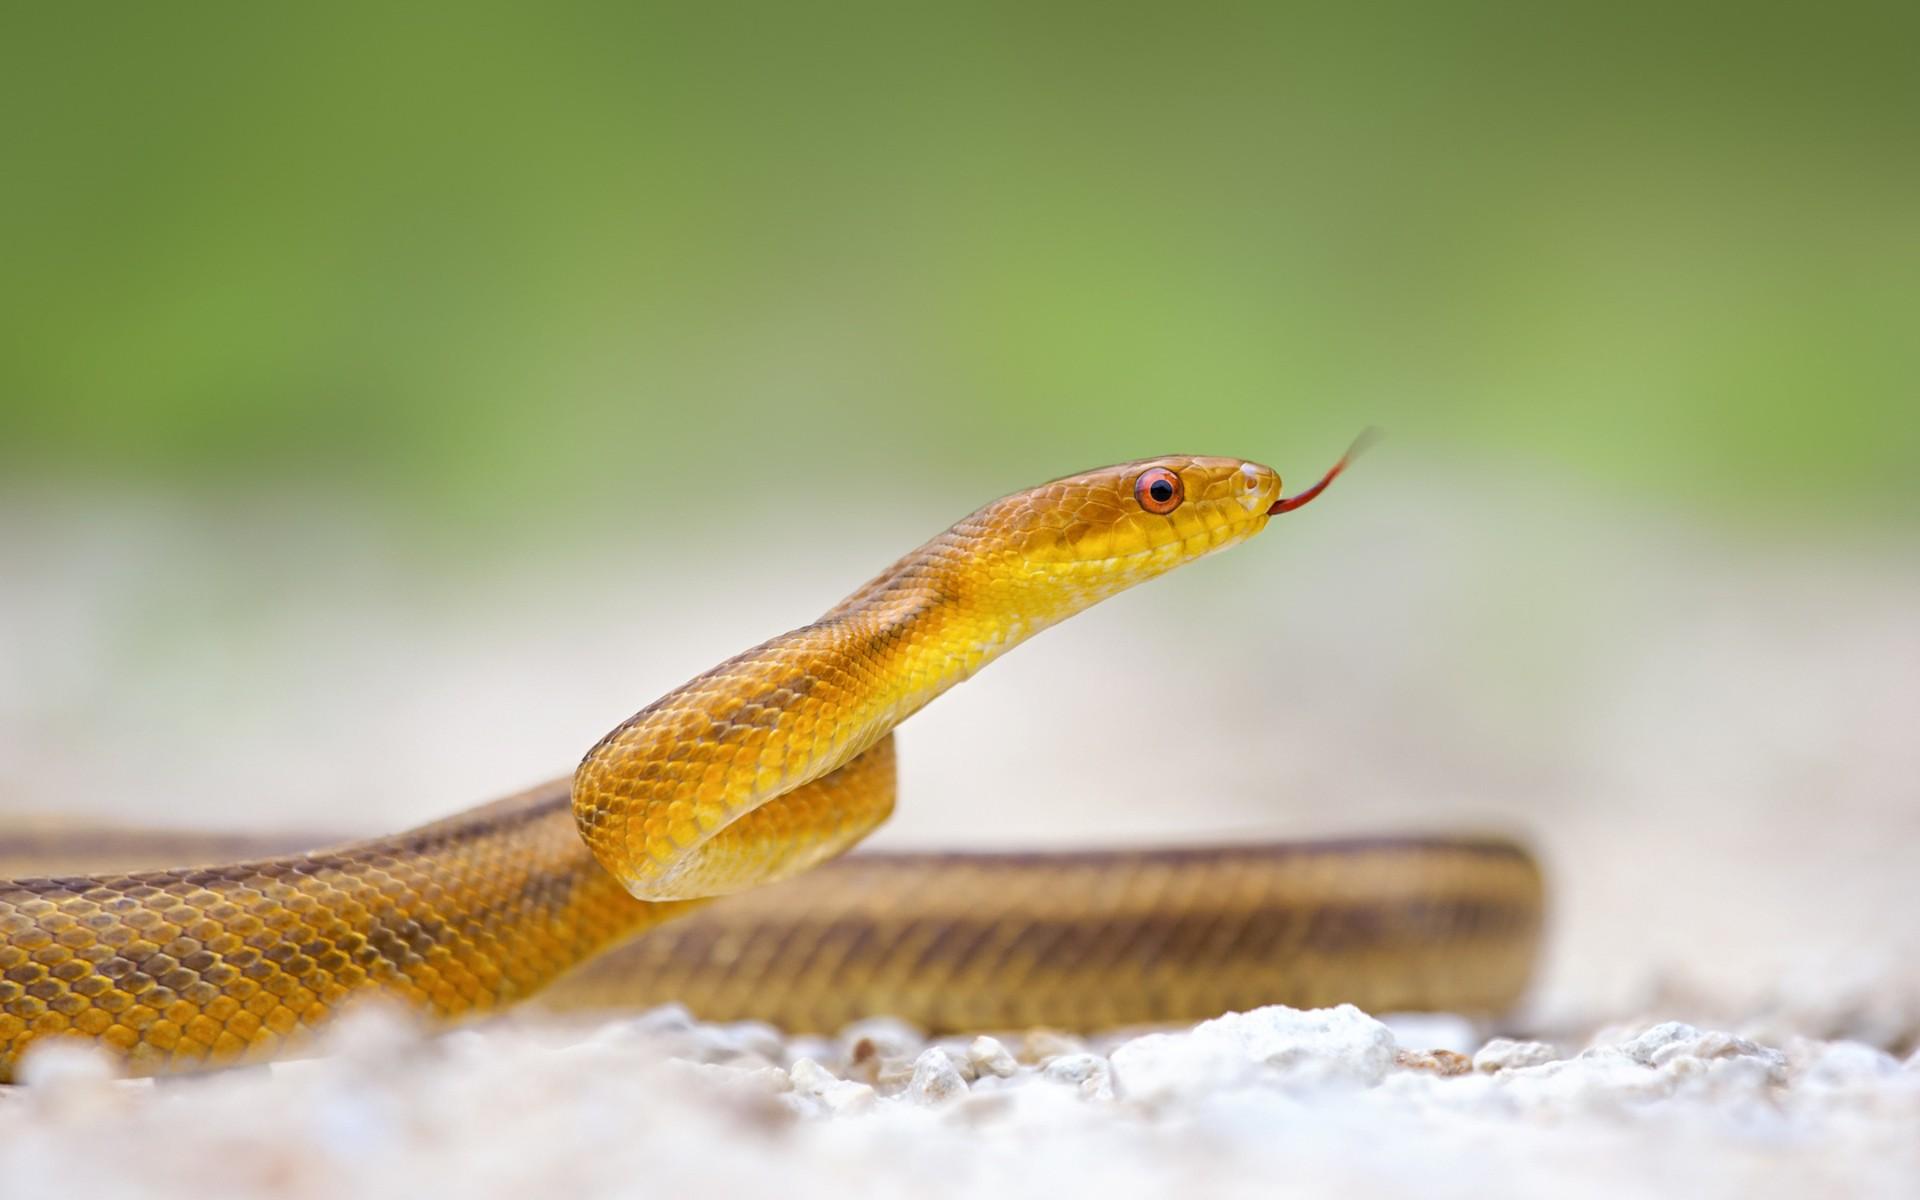 Serpiente amarilla - 1920x1200